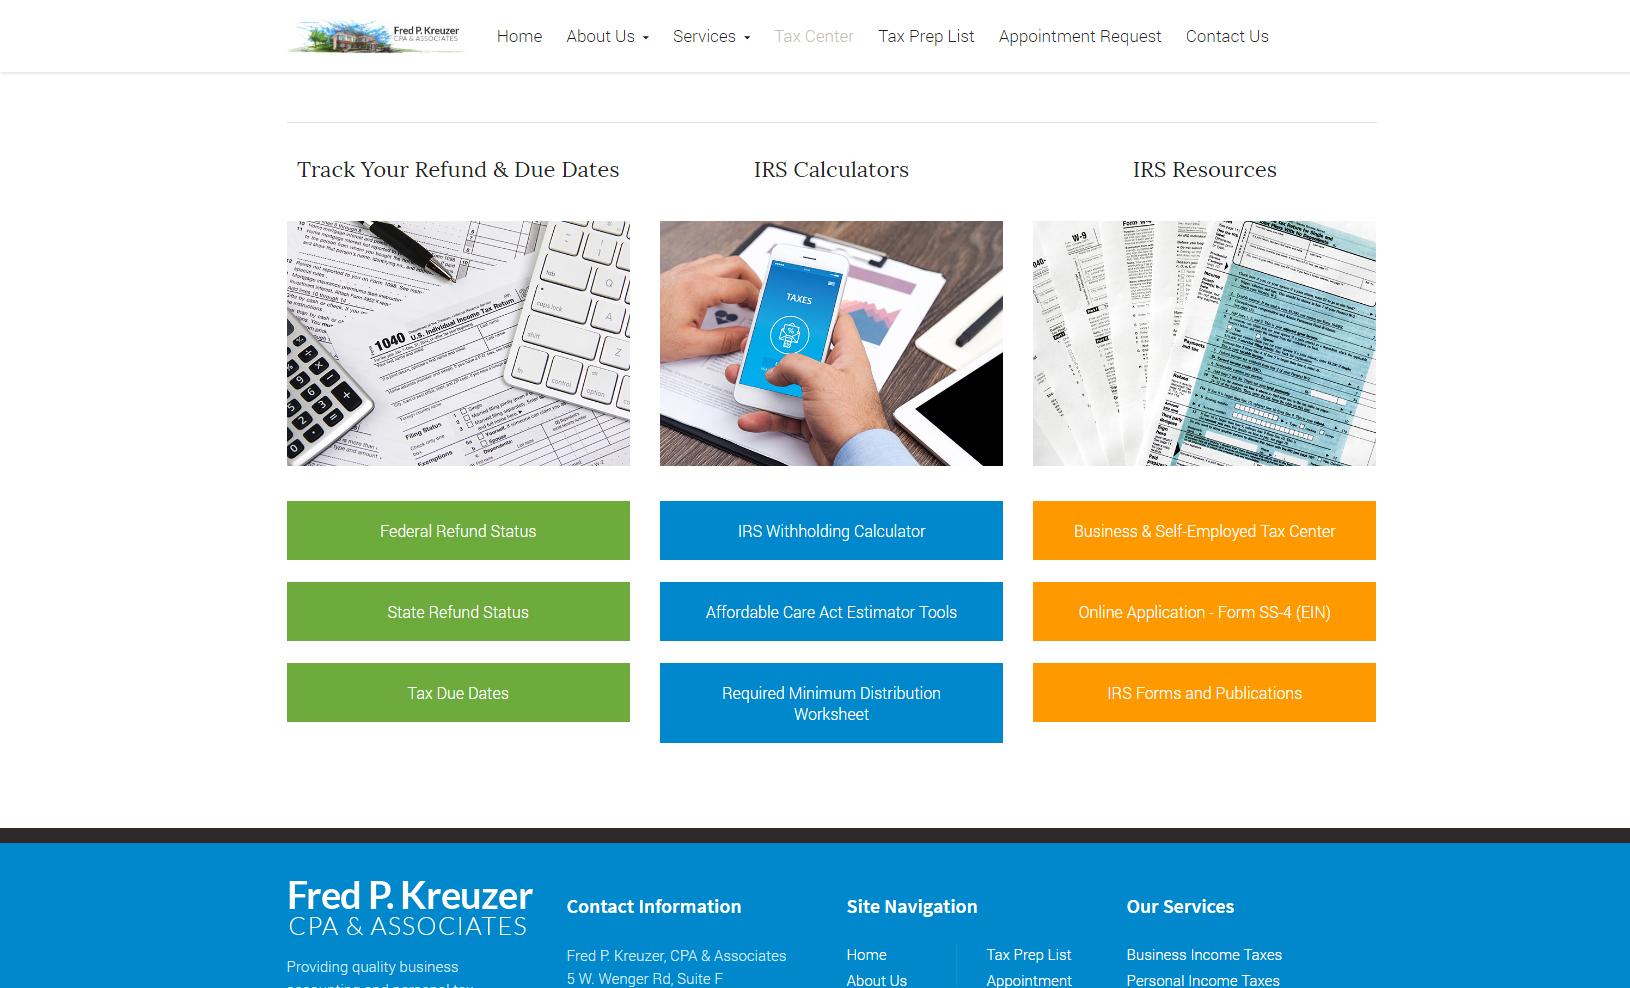 Cpa Website Design Reviews